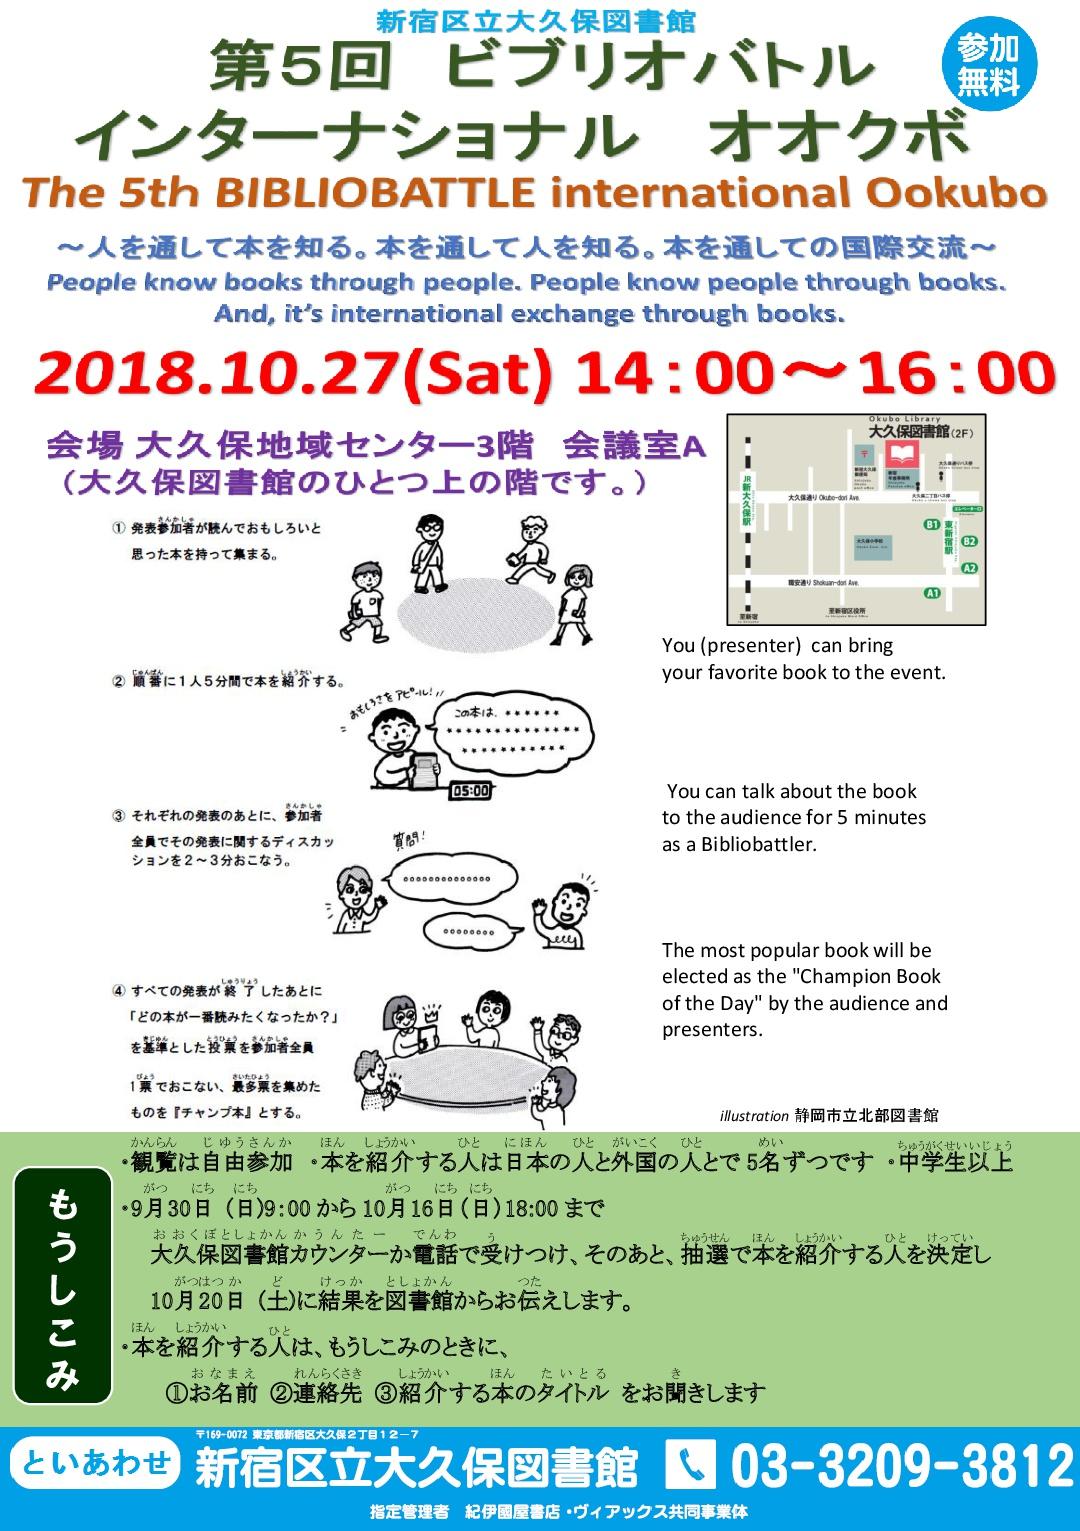 ookubo_bibliobattle_japanese